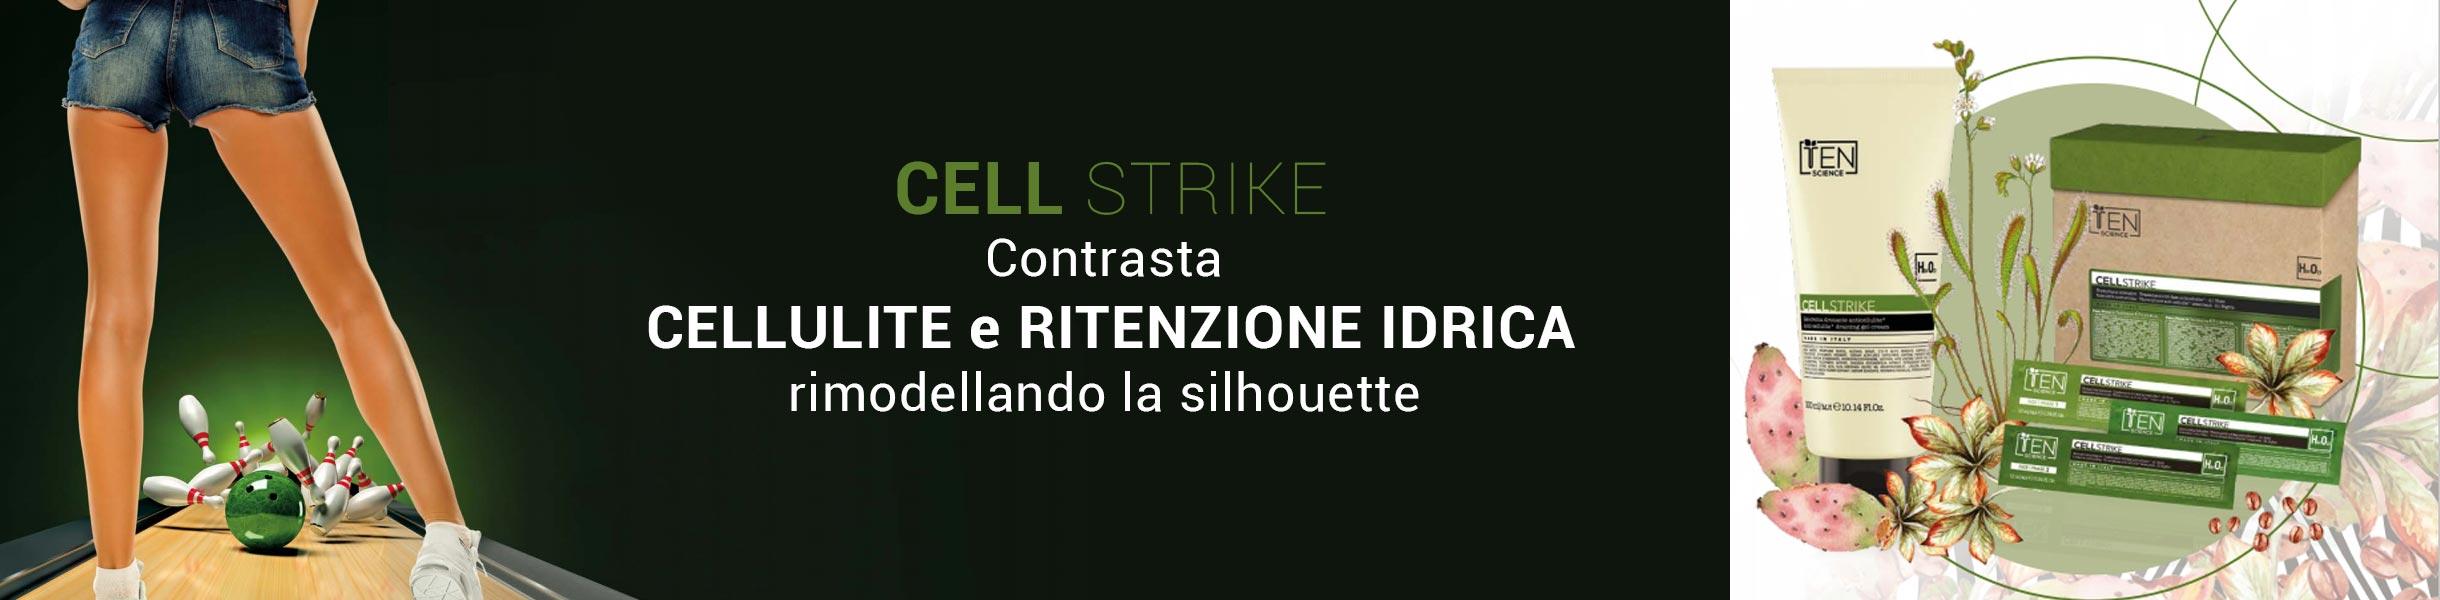 CELL STRIKE